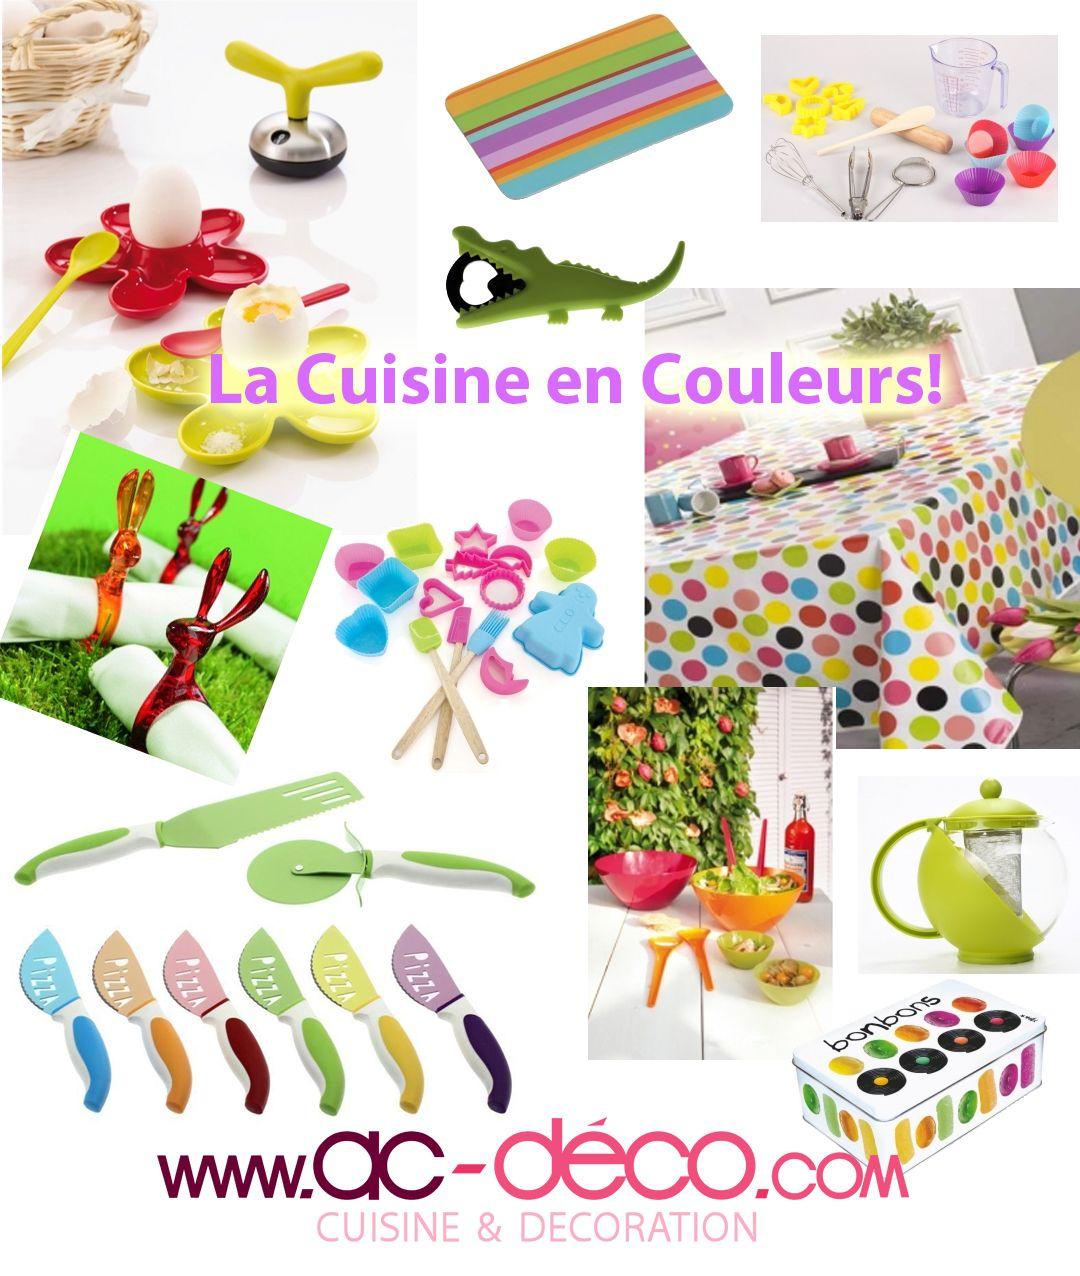 La cuisine est en couleurs des ustensiles de cuisine color s des nappes en couleurs vifs des - La cuisine des petits ...